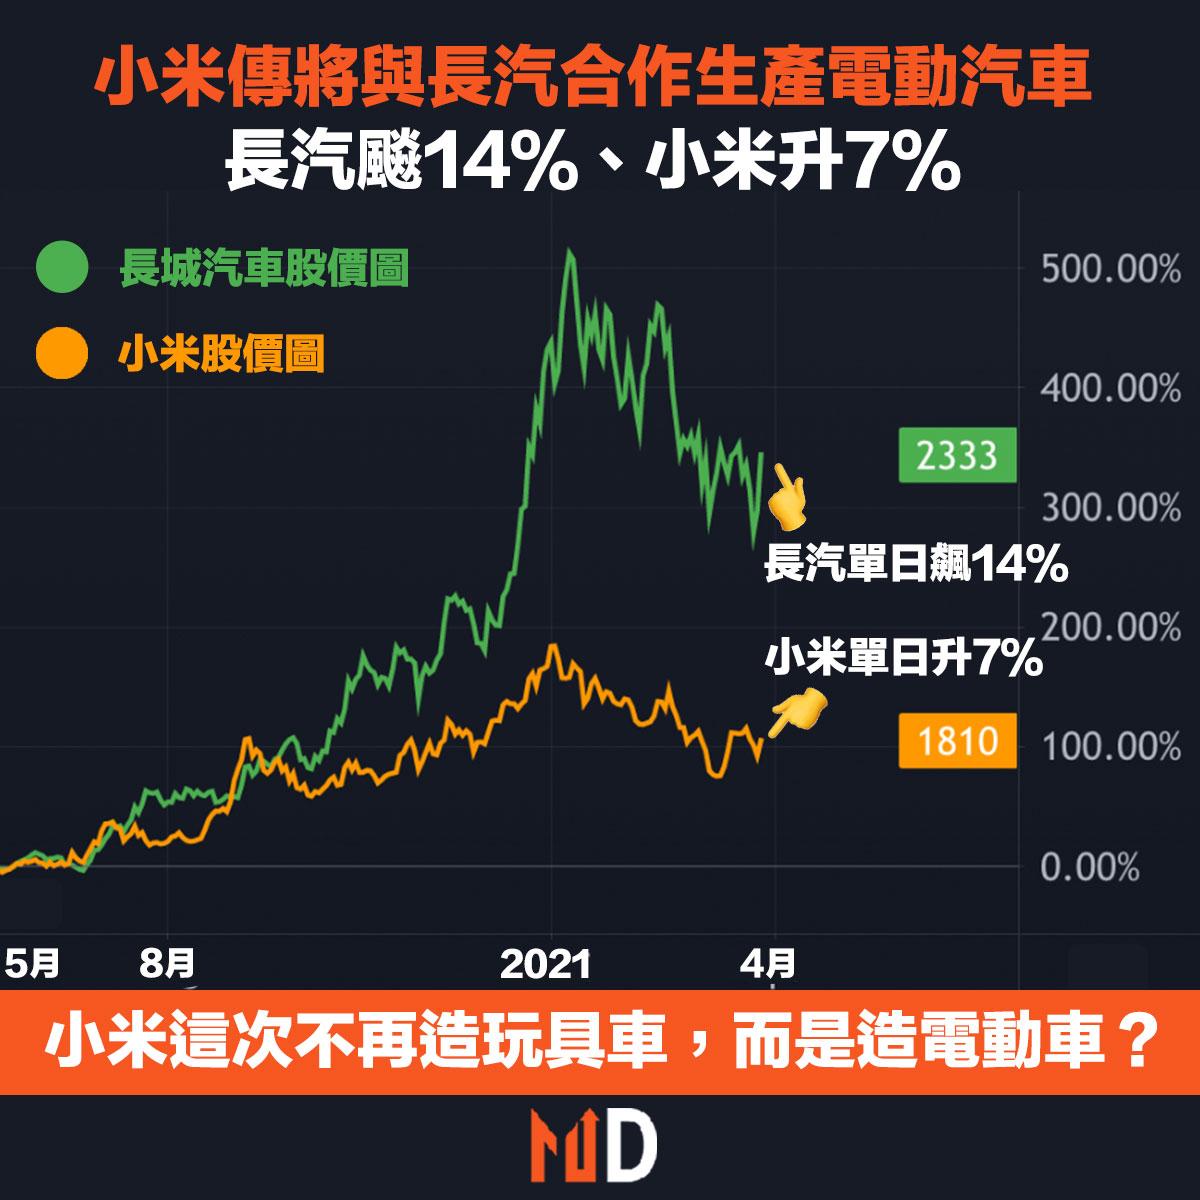 長汽飈14%、小米升7%